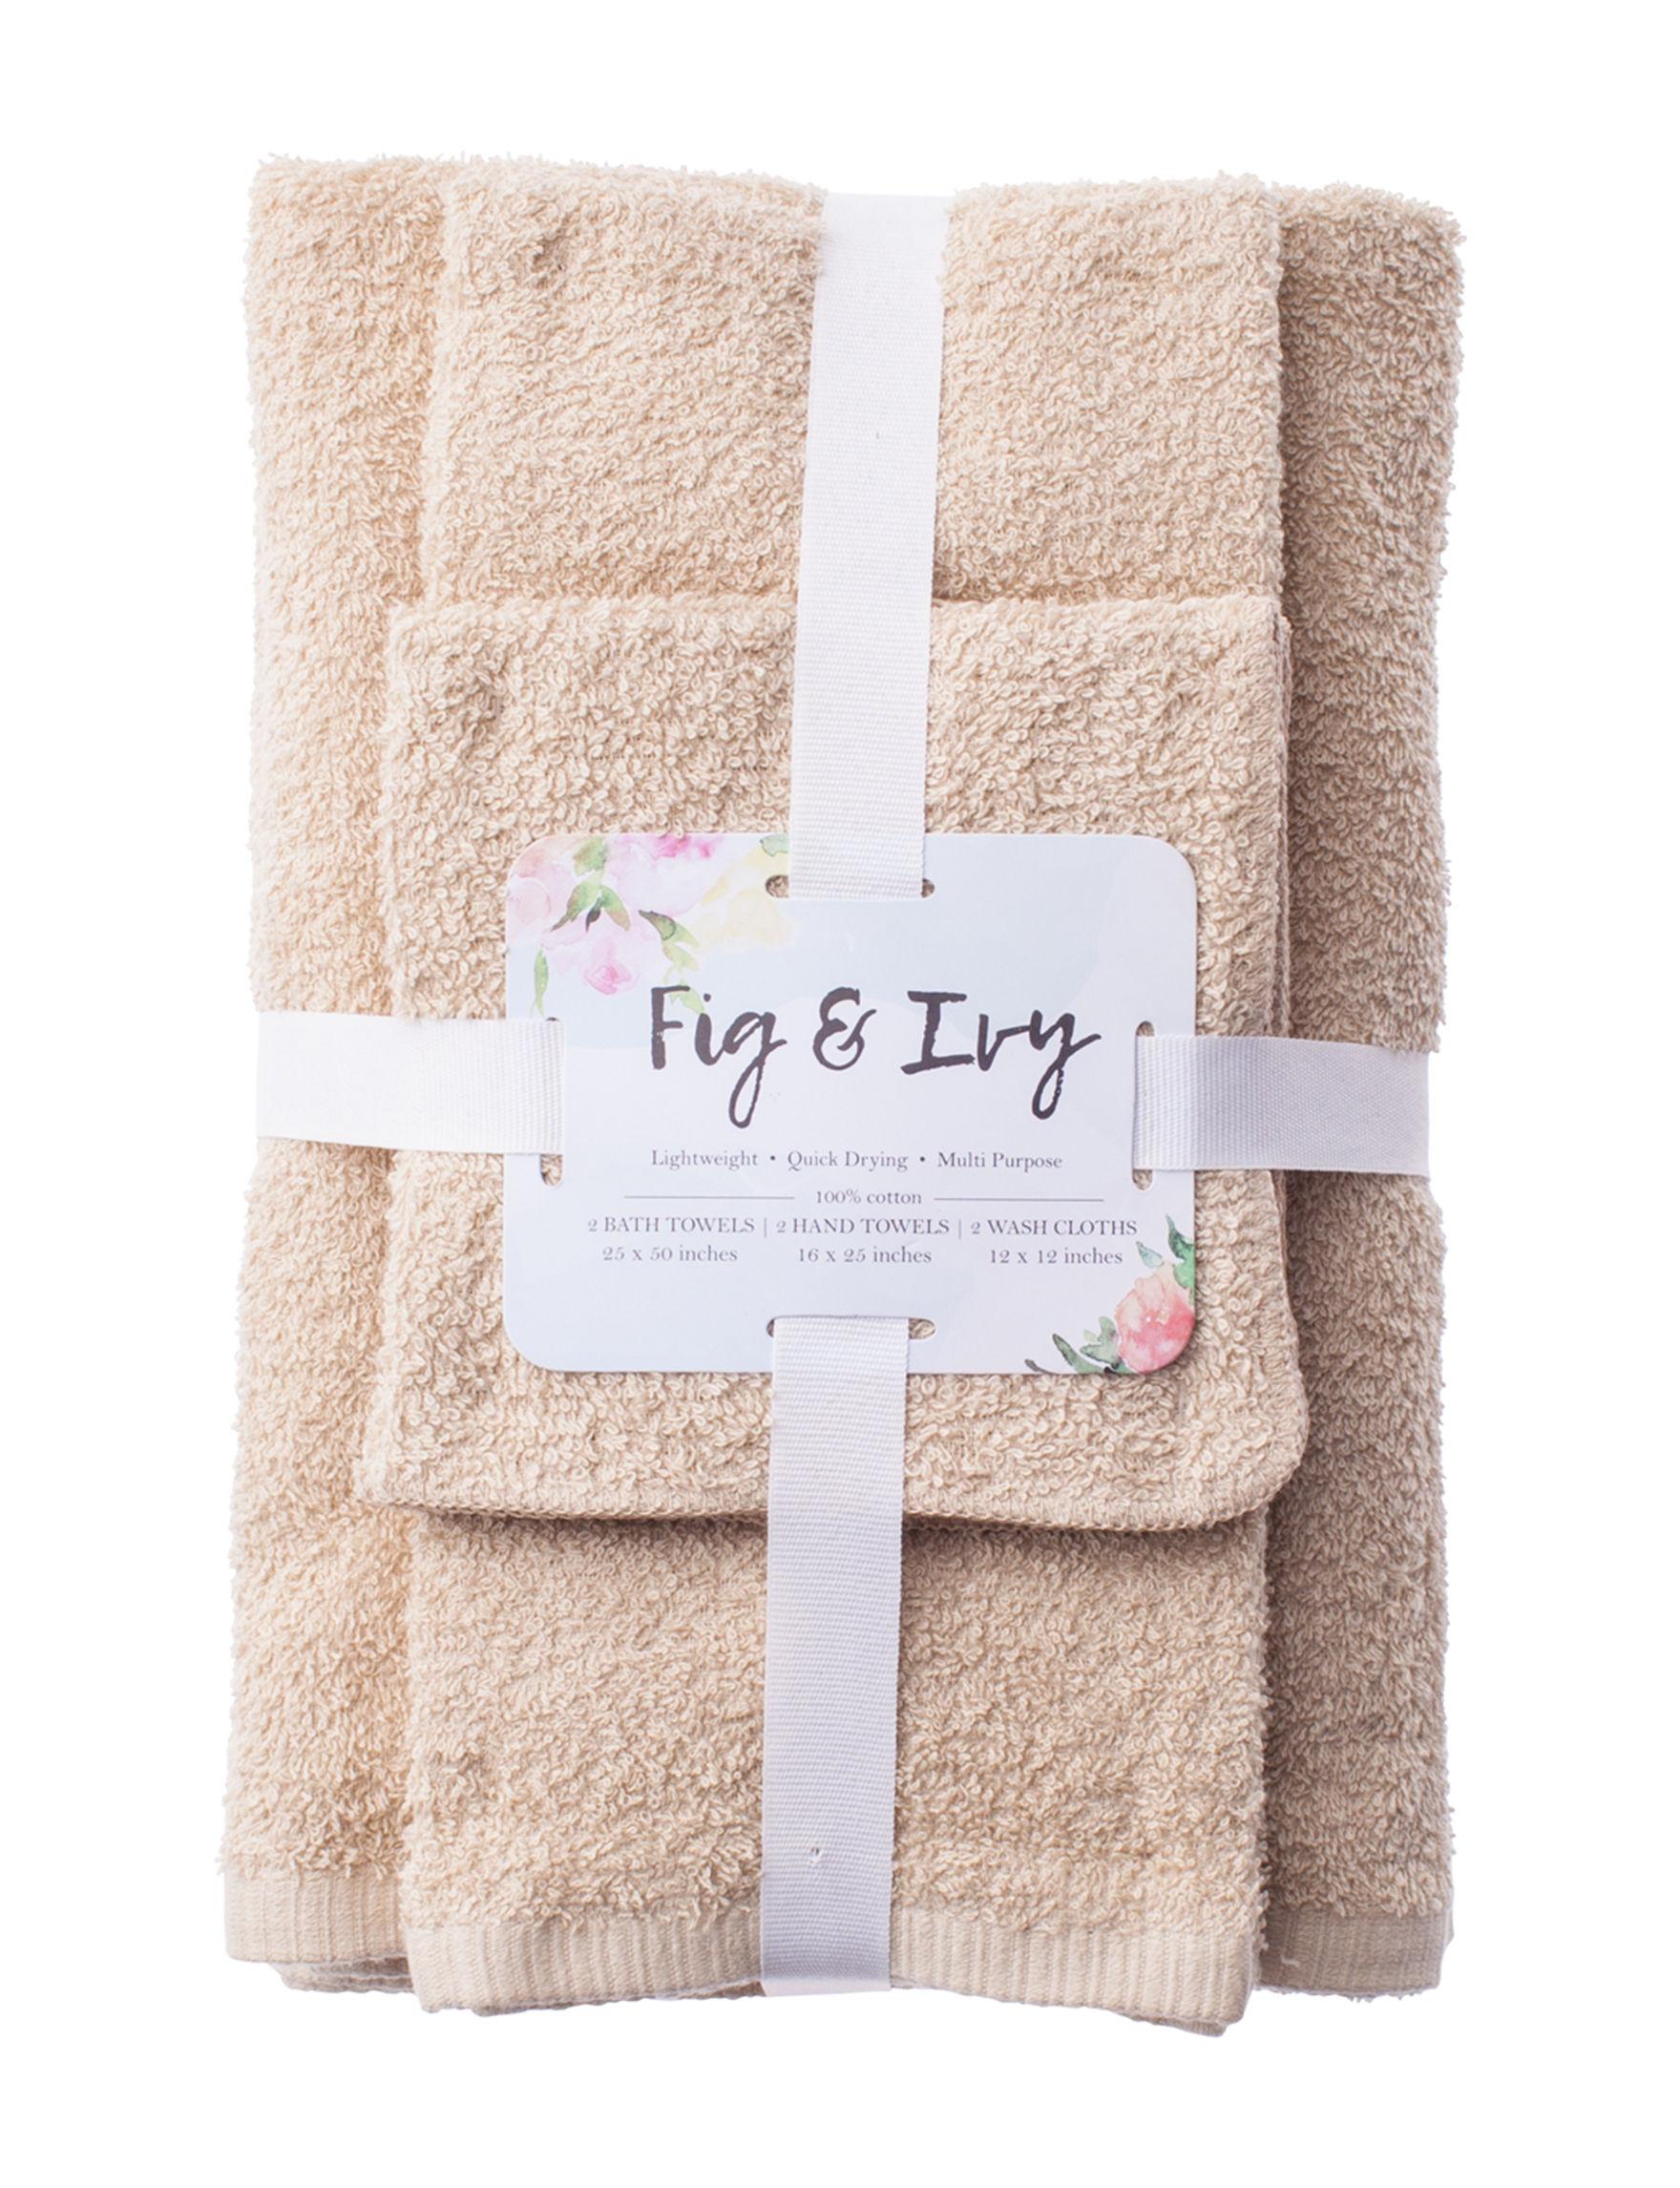 Fig & Ivy Tan Bath Towels Hand Towels Towel Sets Washcloths Towels